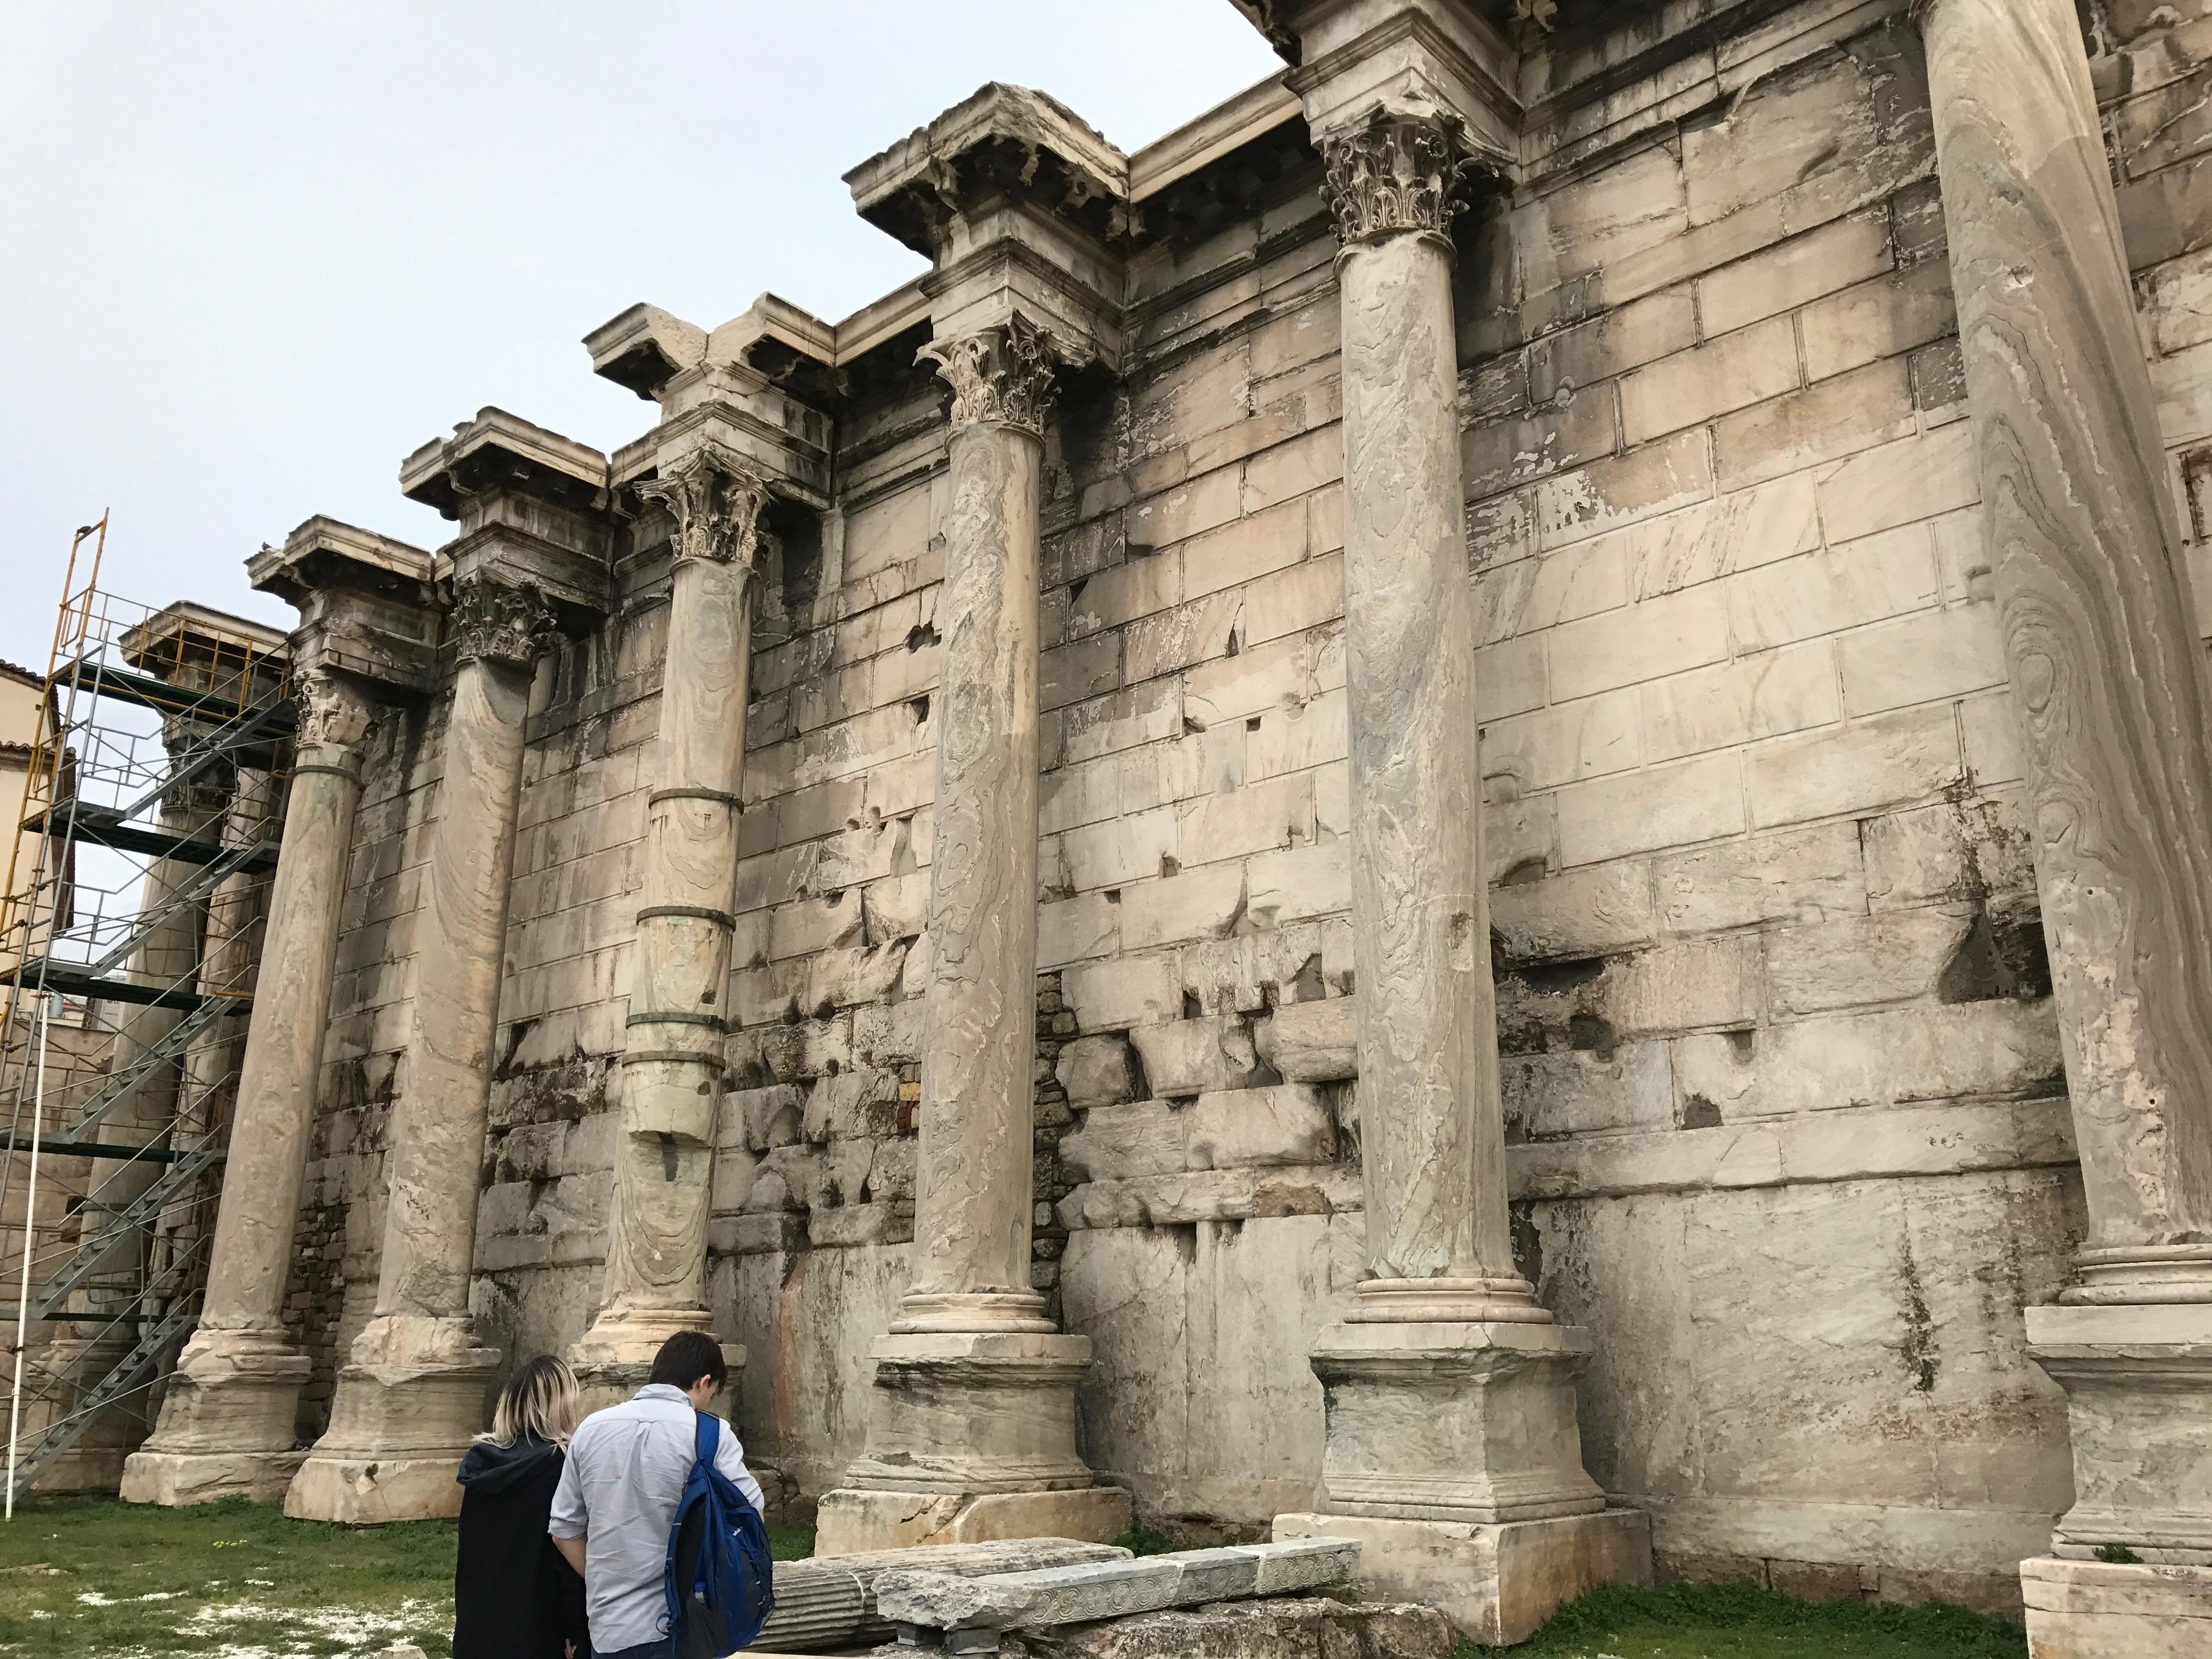 ハドリアヌスの図書館の構造、見どころ、行き方|口コミ評判 アテネ観光